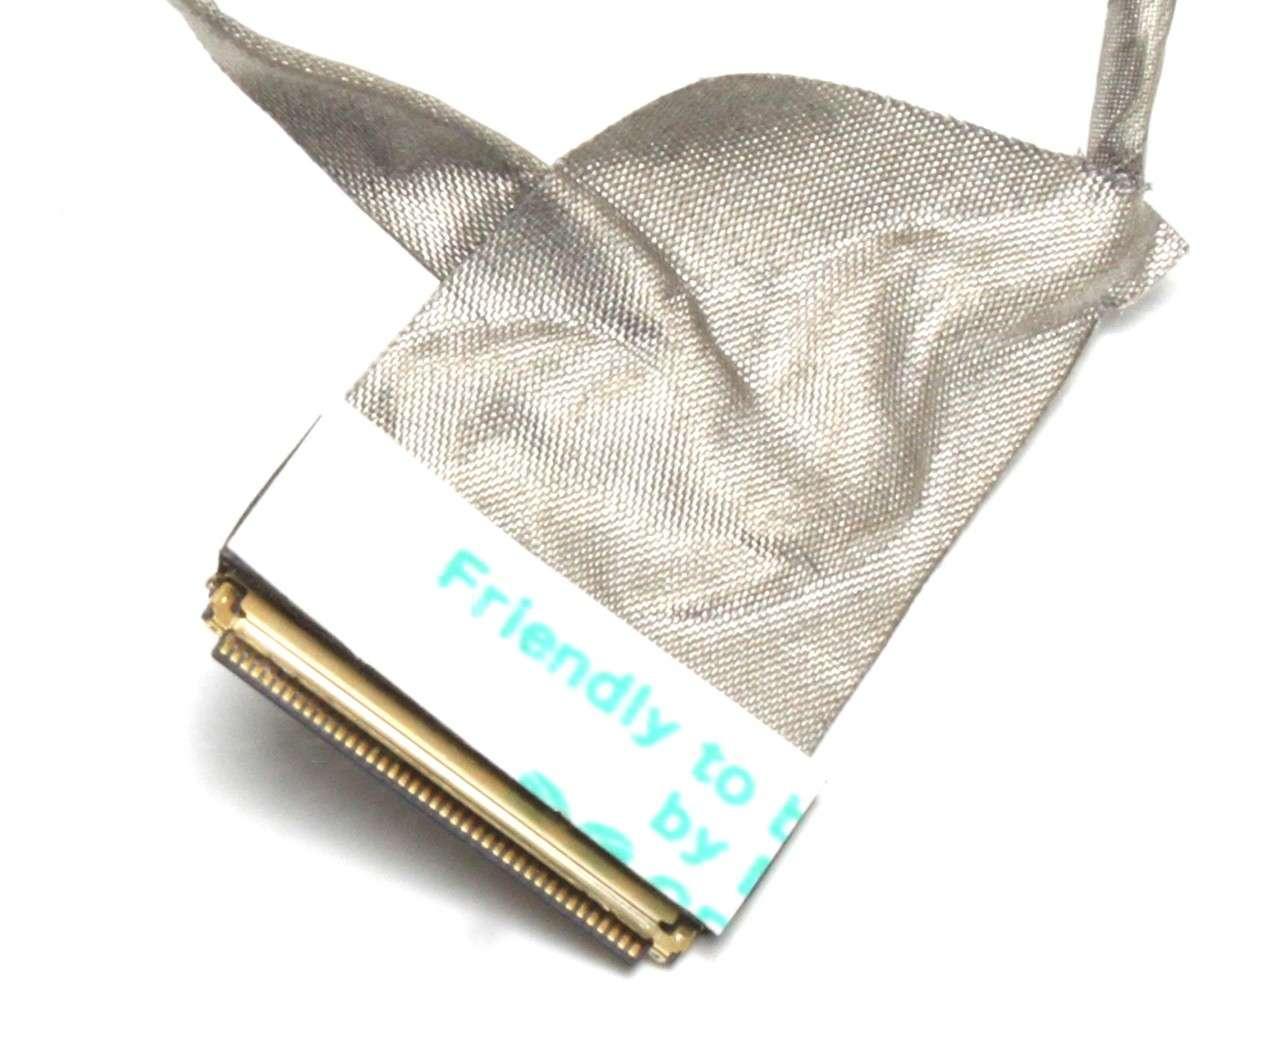 Cablu video LVDS Fujitsu LifeBook LH530 imagine powerlaptop.ro 2021